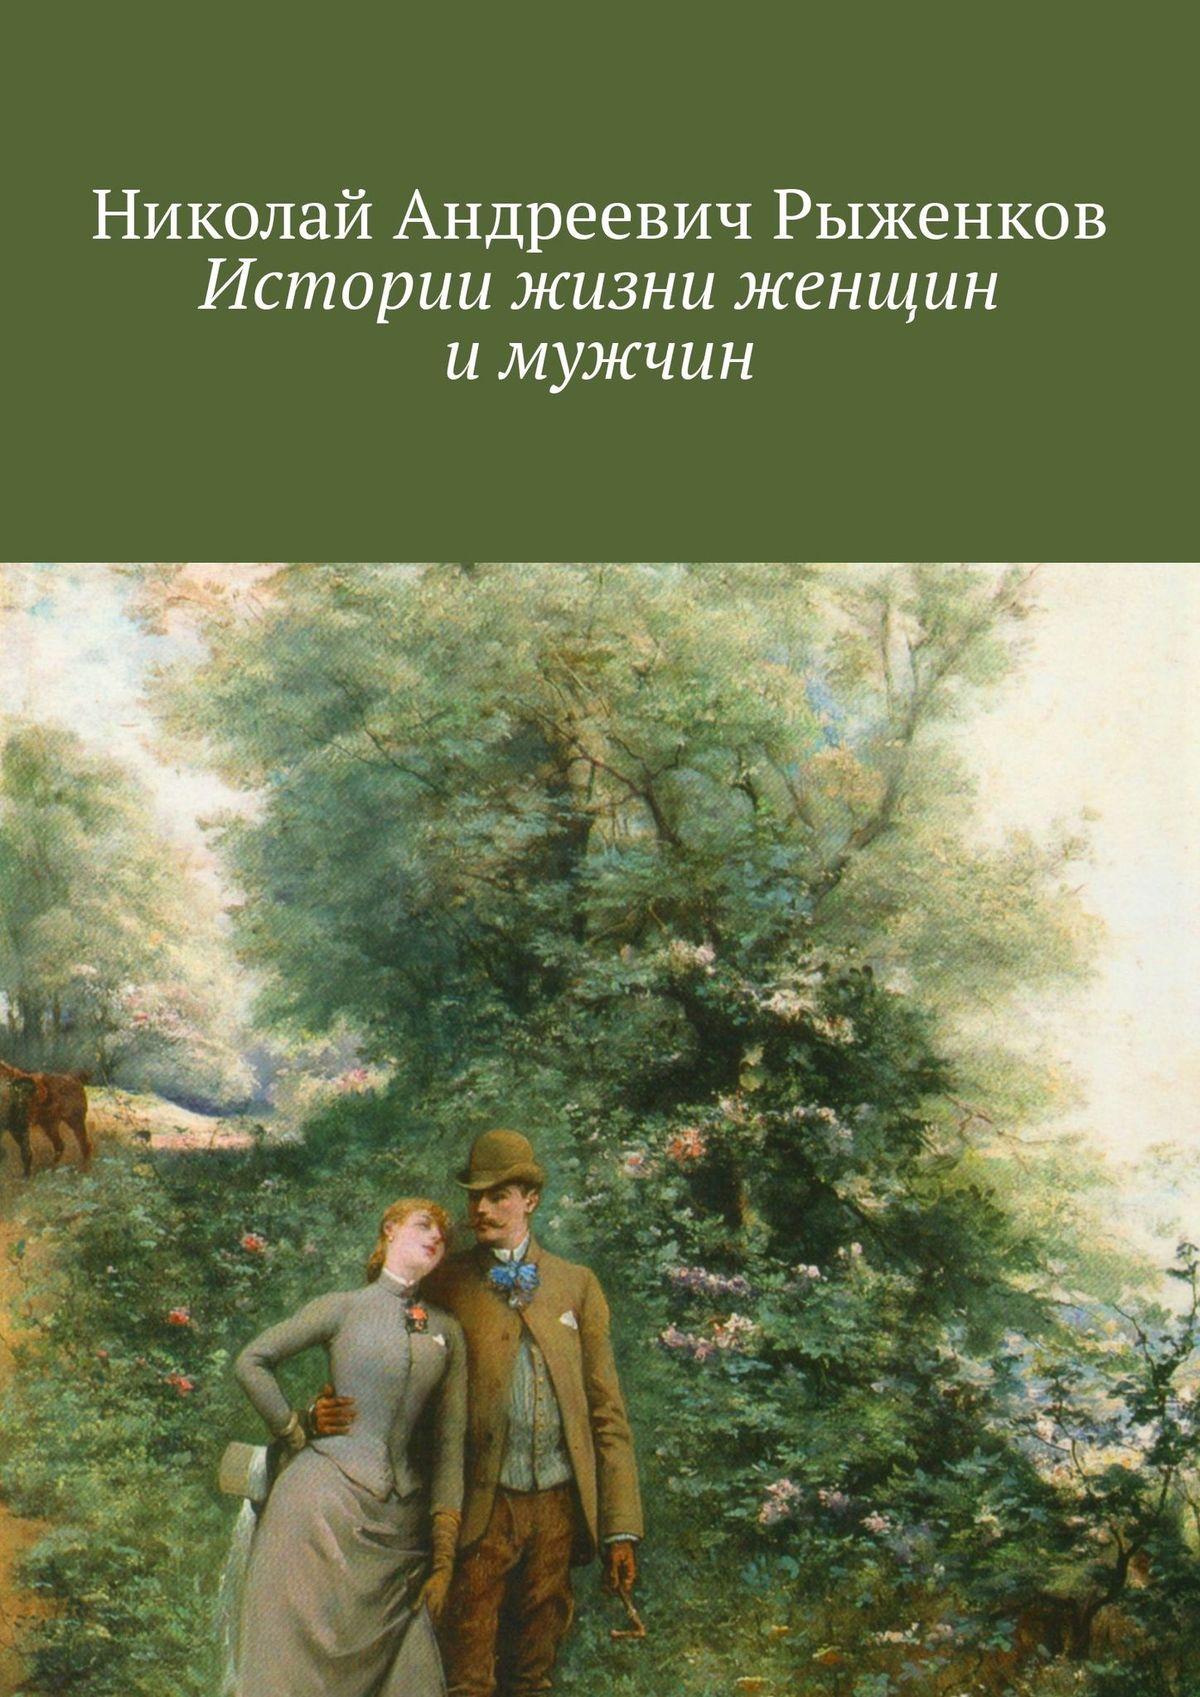 Николай Андреевич Рыженков Истории жизни женщин имужчин николай рыженков апл м 213 тень